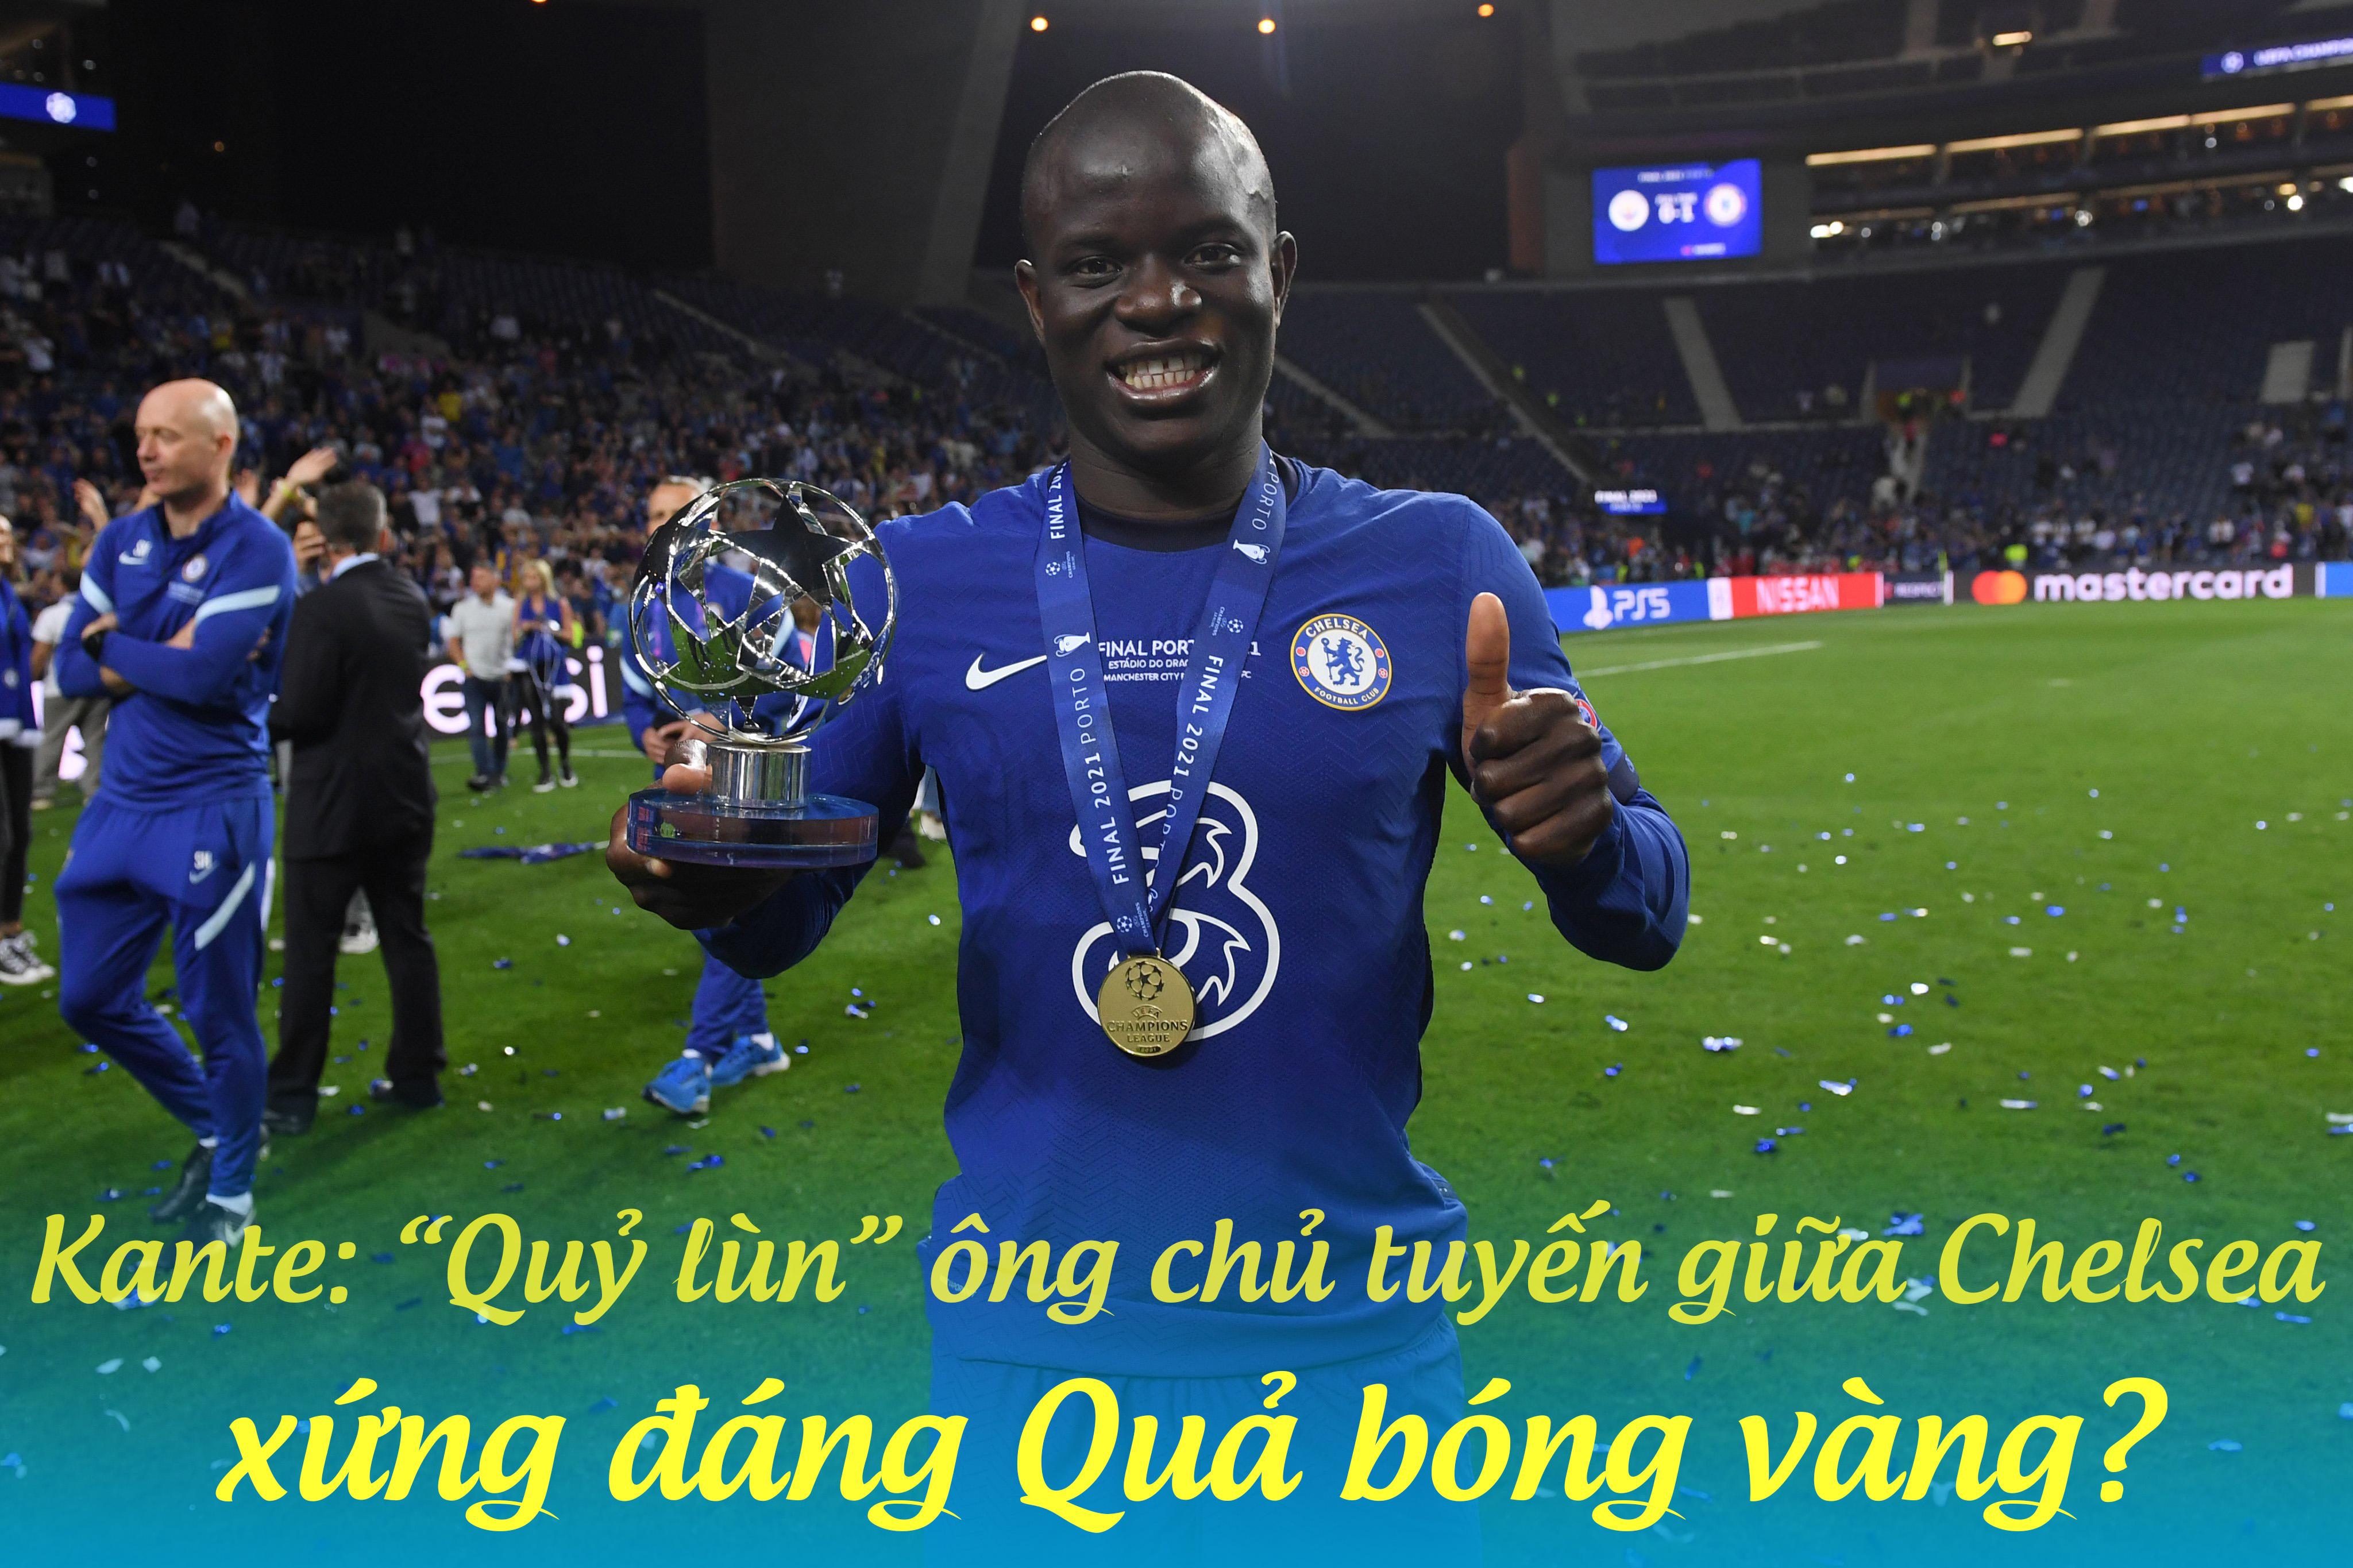 """Kante: """"Quỷ lùn"""" ông chủ tuyến giữa Chelsea, xứng đáng Quả bóng vàng? - 1"""